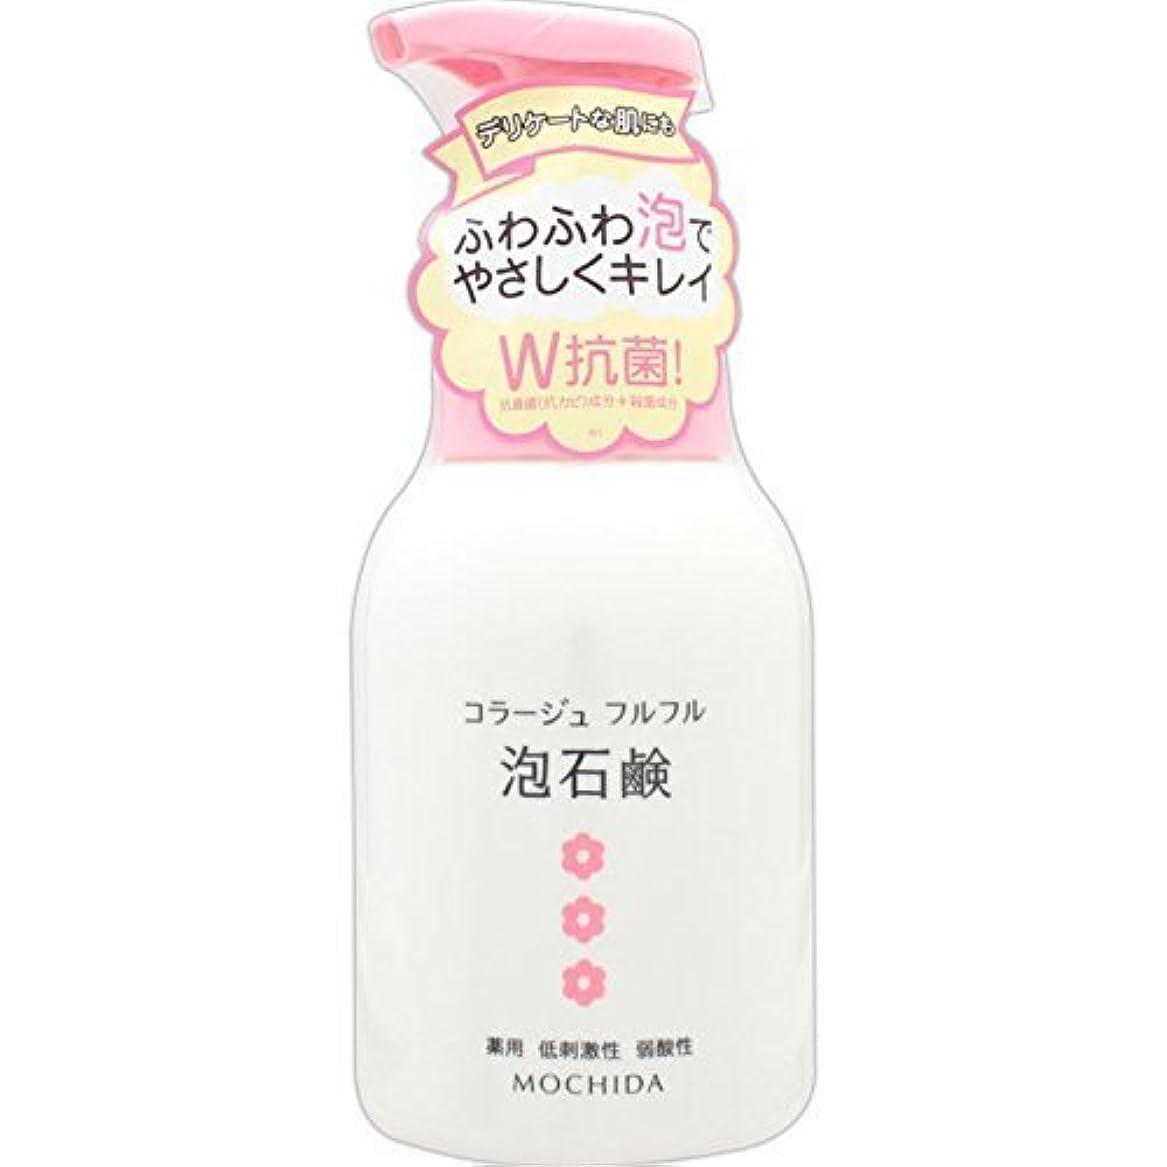 プライバシーインシュレータサワーコラージュフルフル 泡石鹸 ピンク 300m L (医薬部外品) ×10